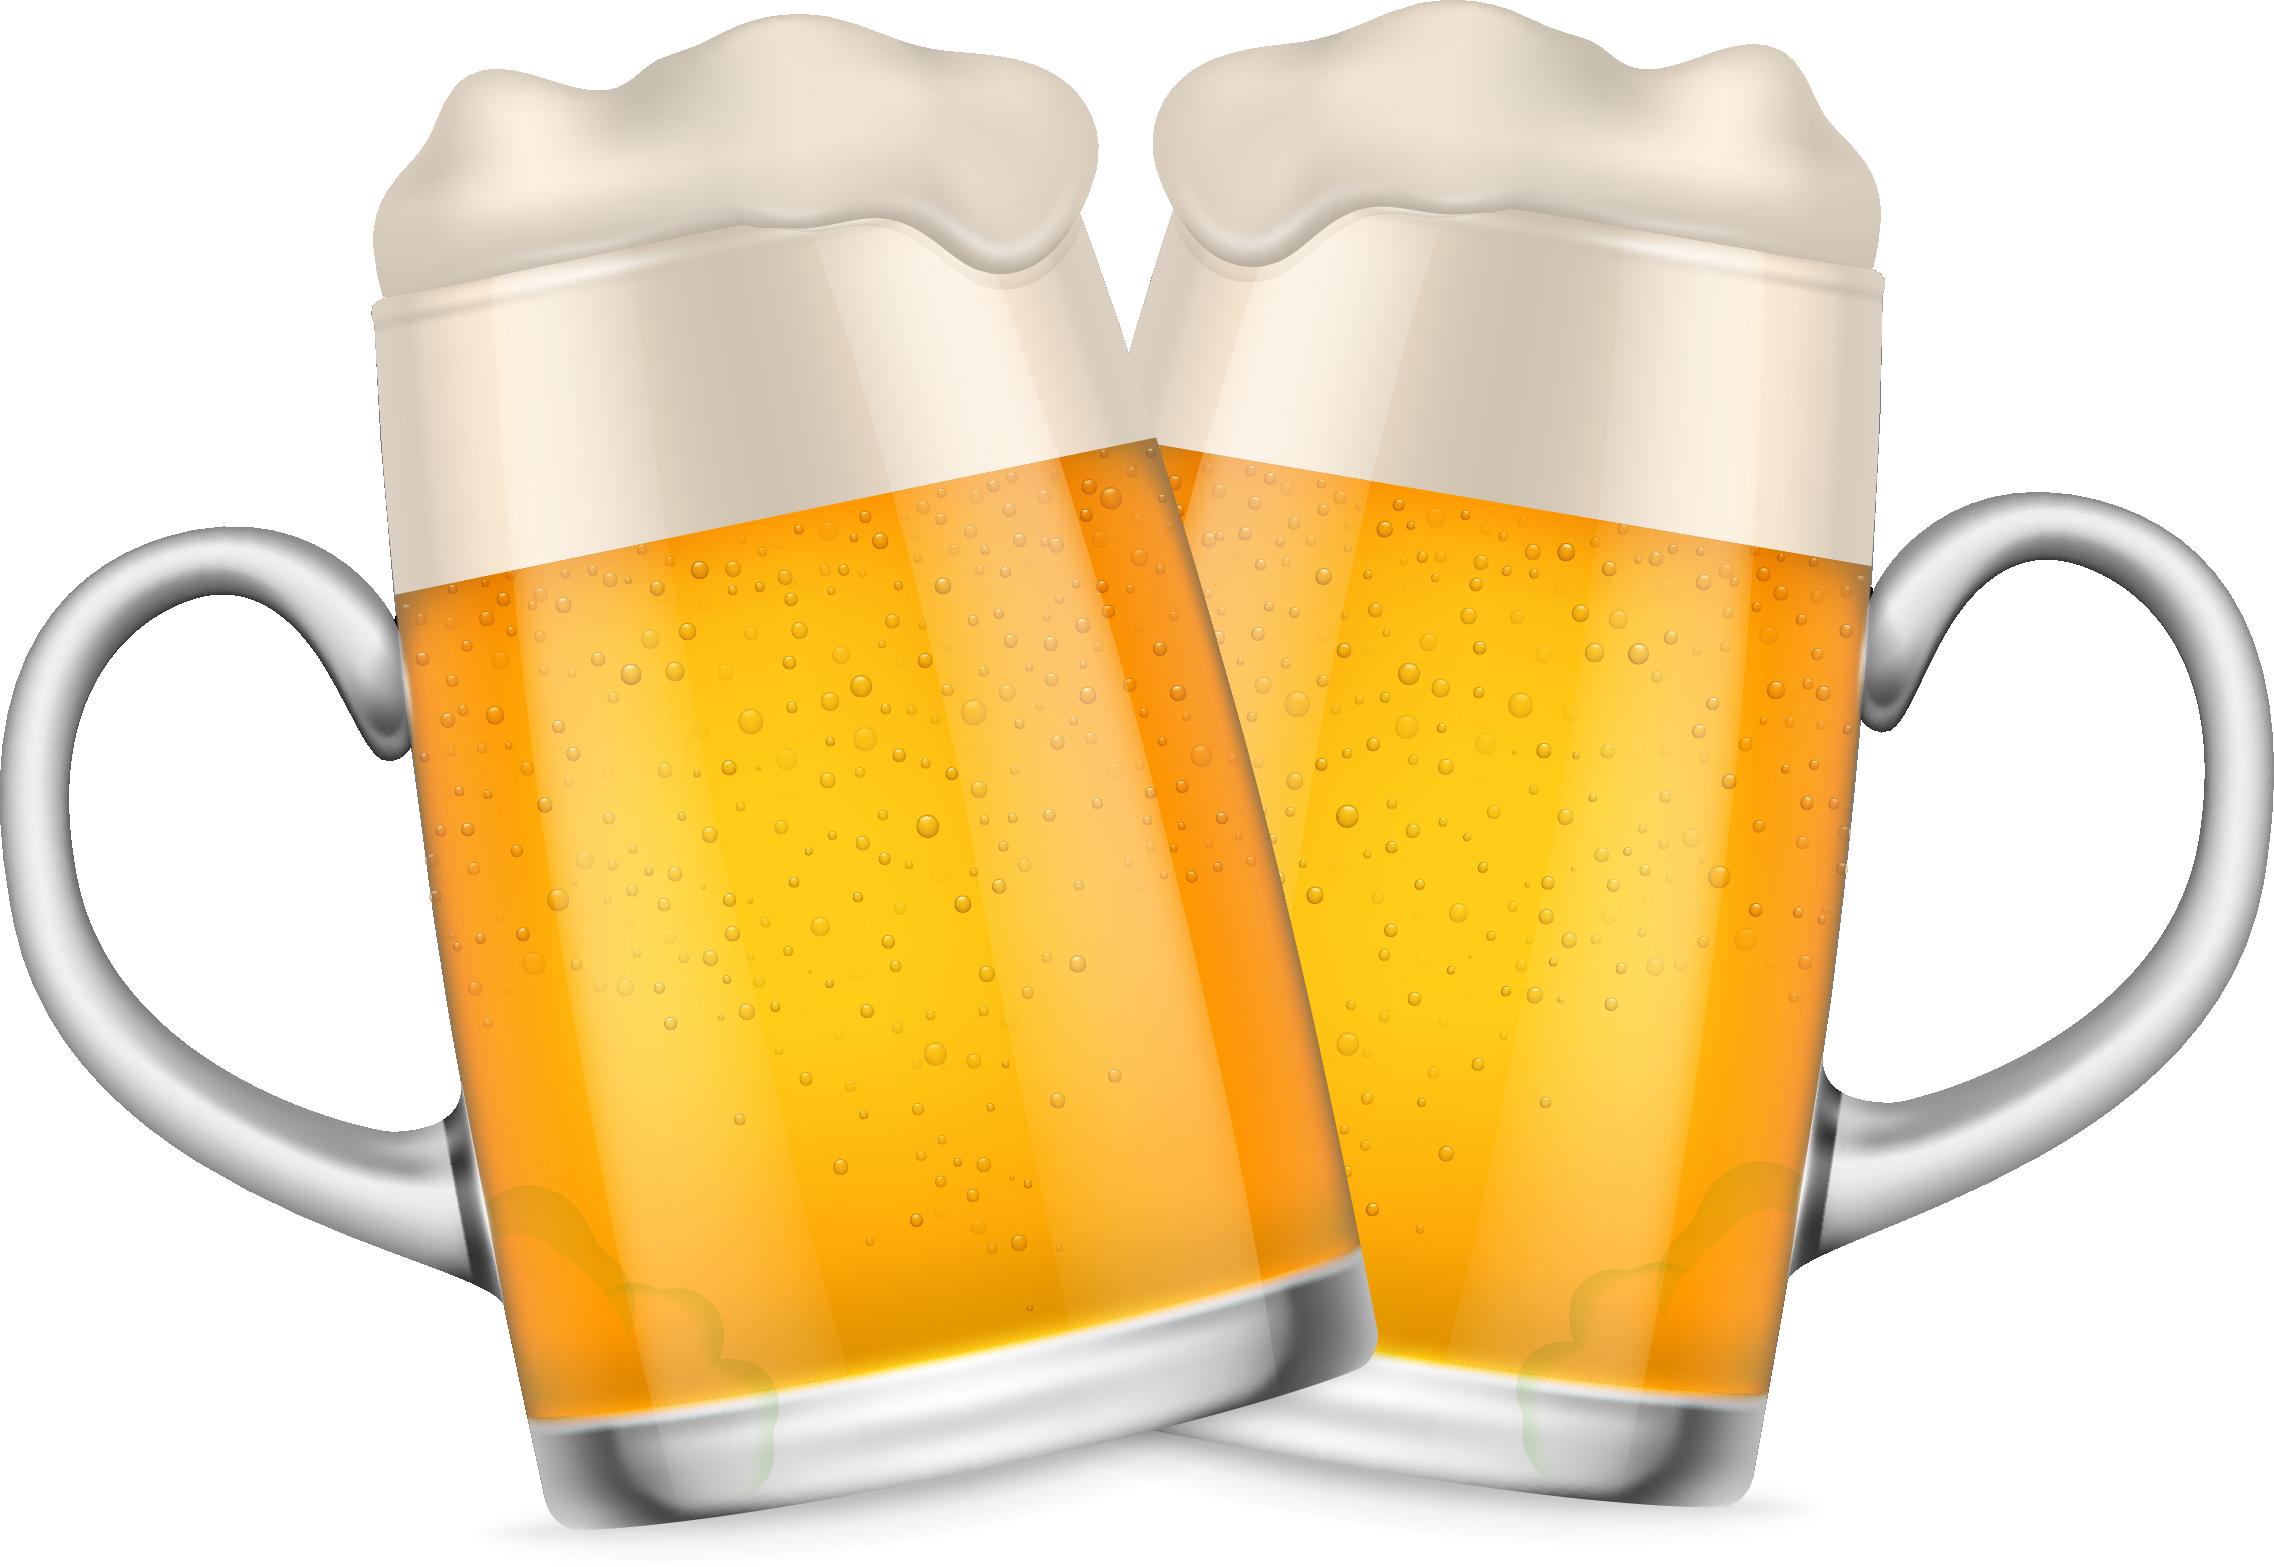 2274x1567 Beer Stein Beer Glassware